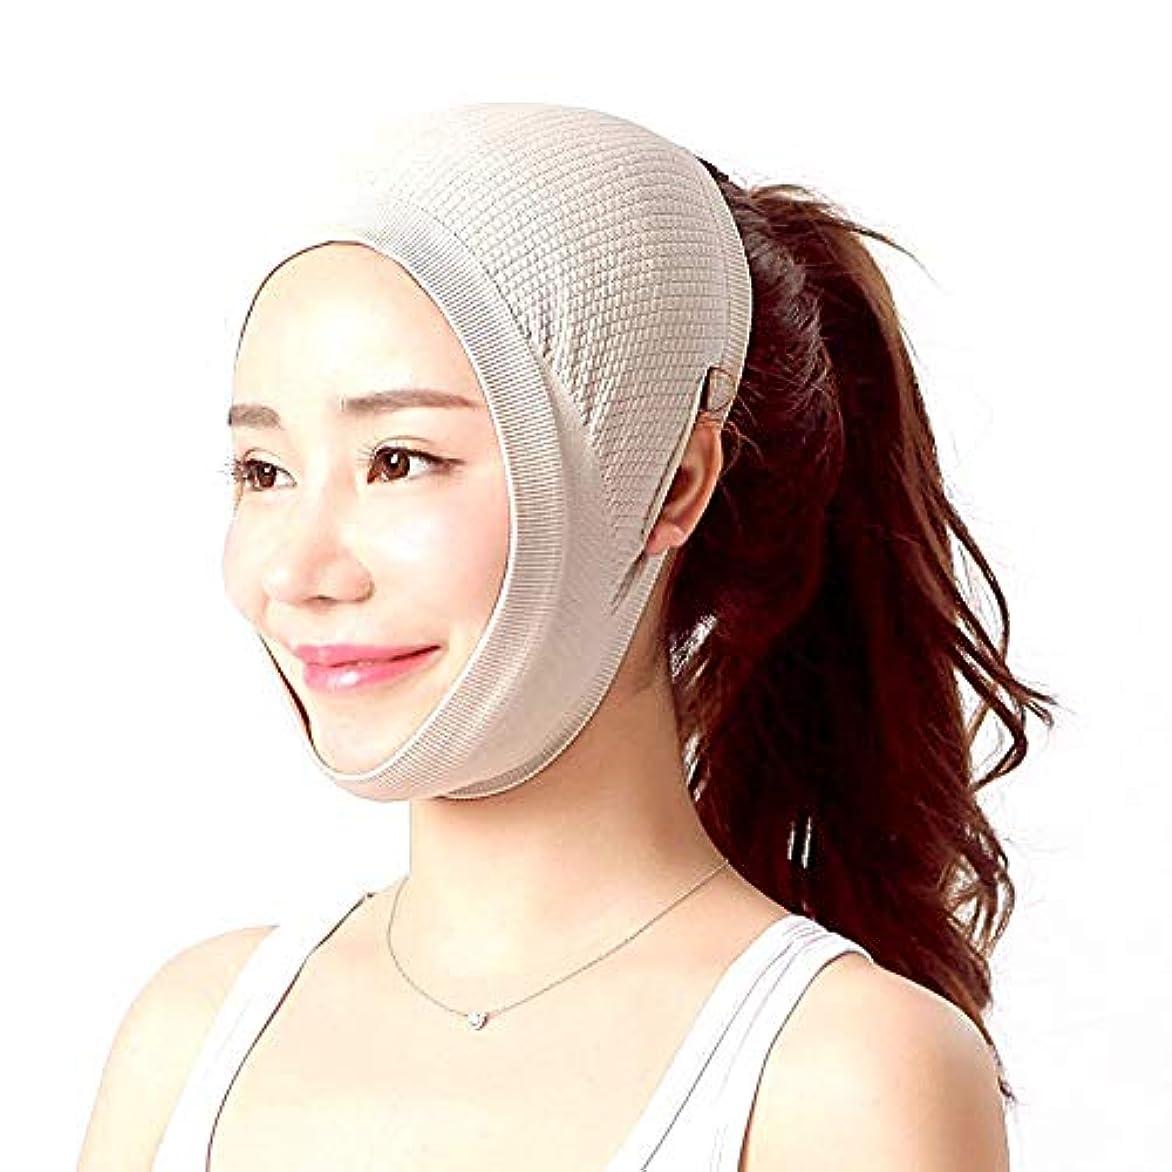 怪物埋める年金Minmin フェイスリフティングアーティファクト包帯ライン術後回復包帯リフティングフェイスフードVフェイス包帯リフティングVフェイス美容マスク - 肌のトーン みんみんVラインフェイスマスク